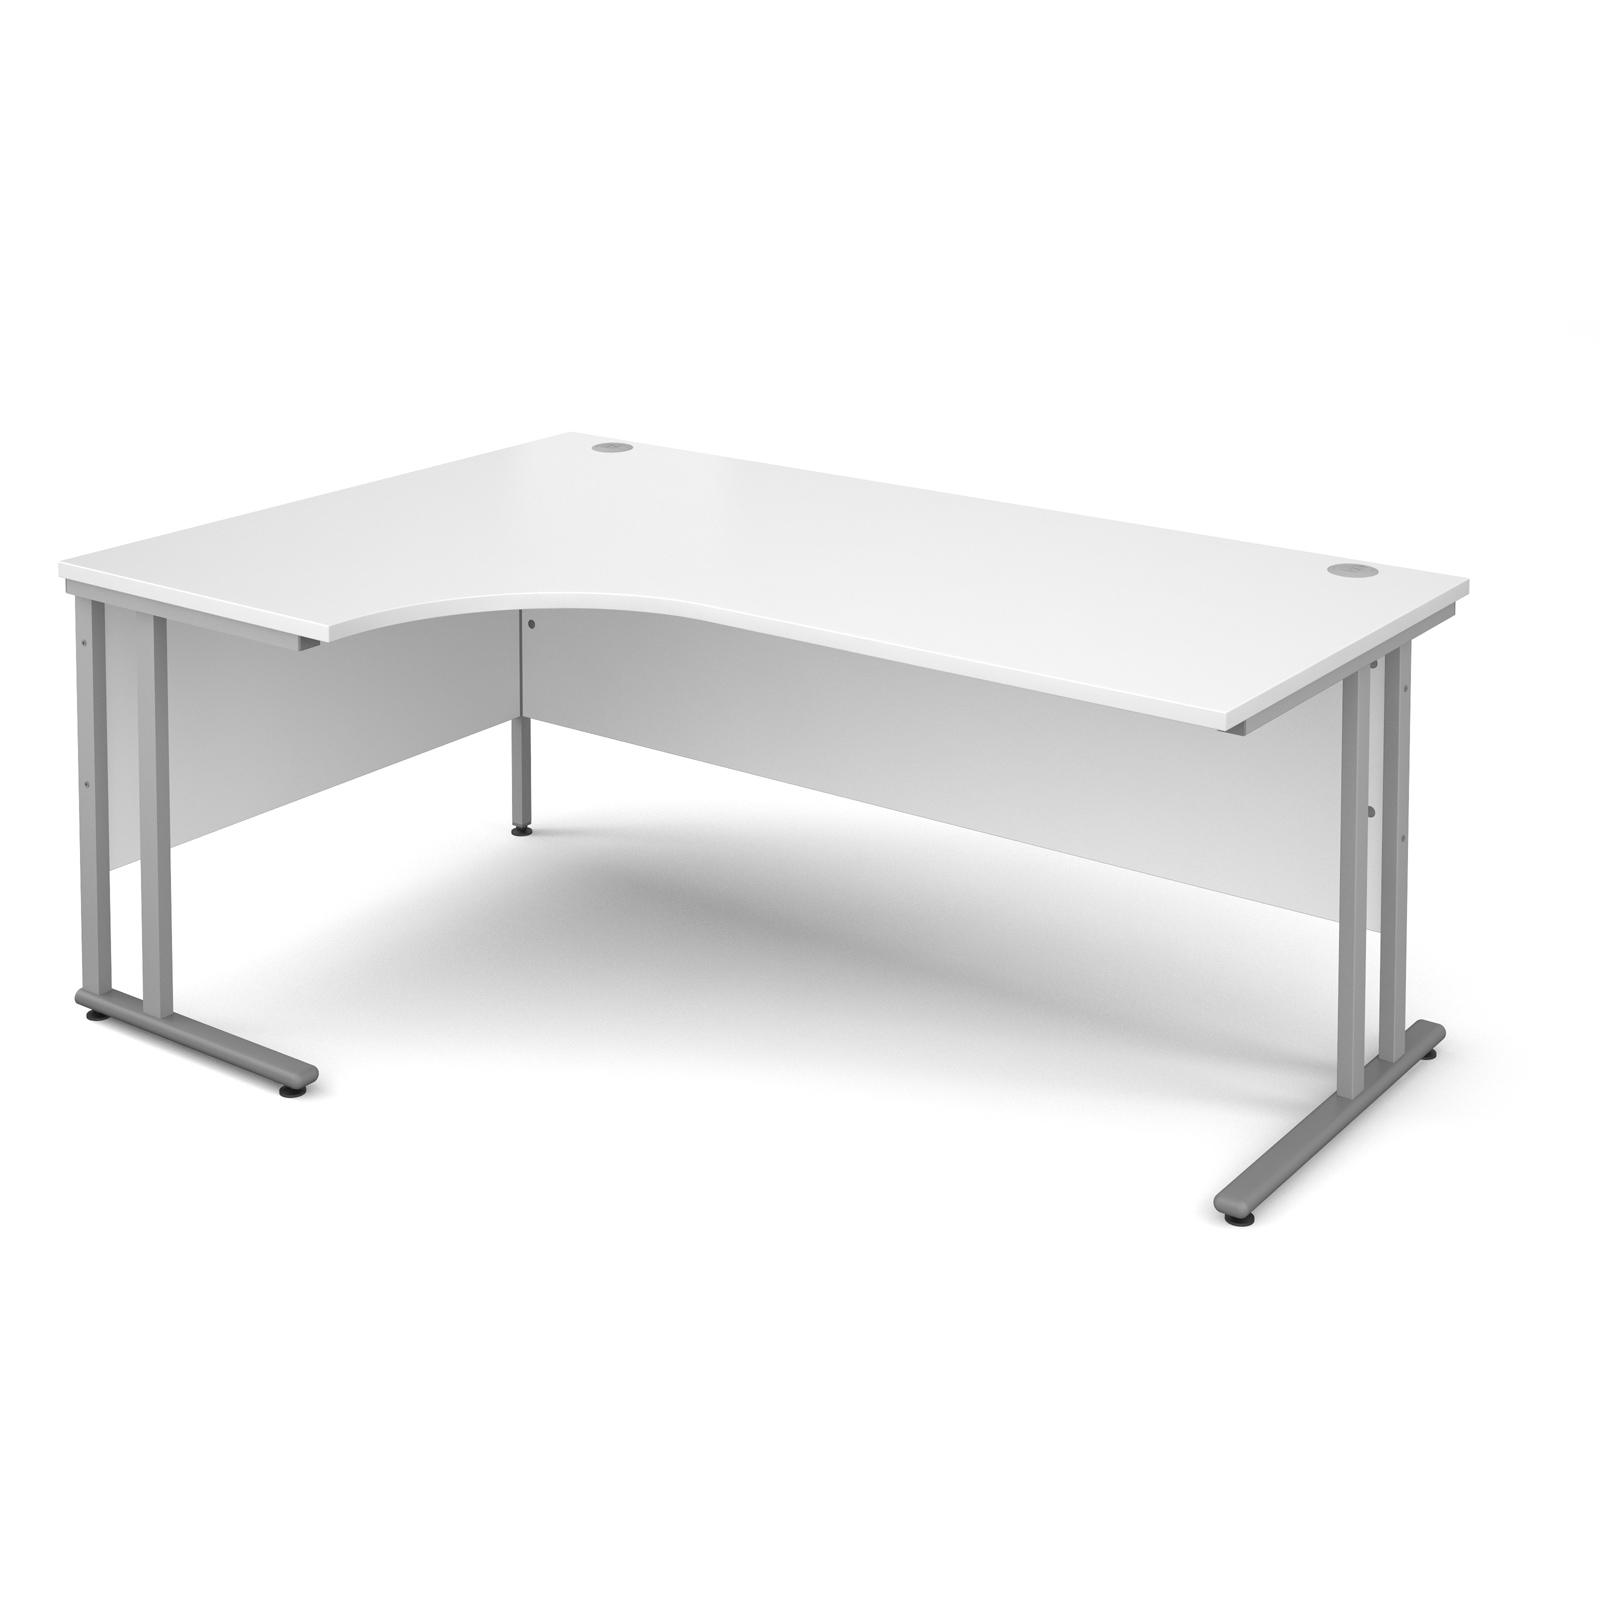 Maestro 25 SL left hand ergonomic desk 1800mm - silver cantilever frame, white top